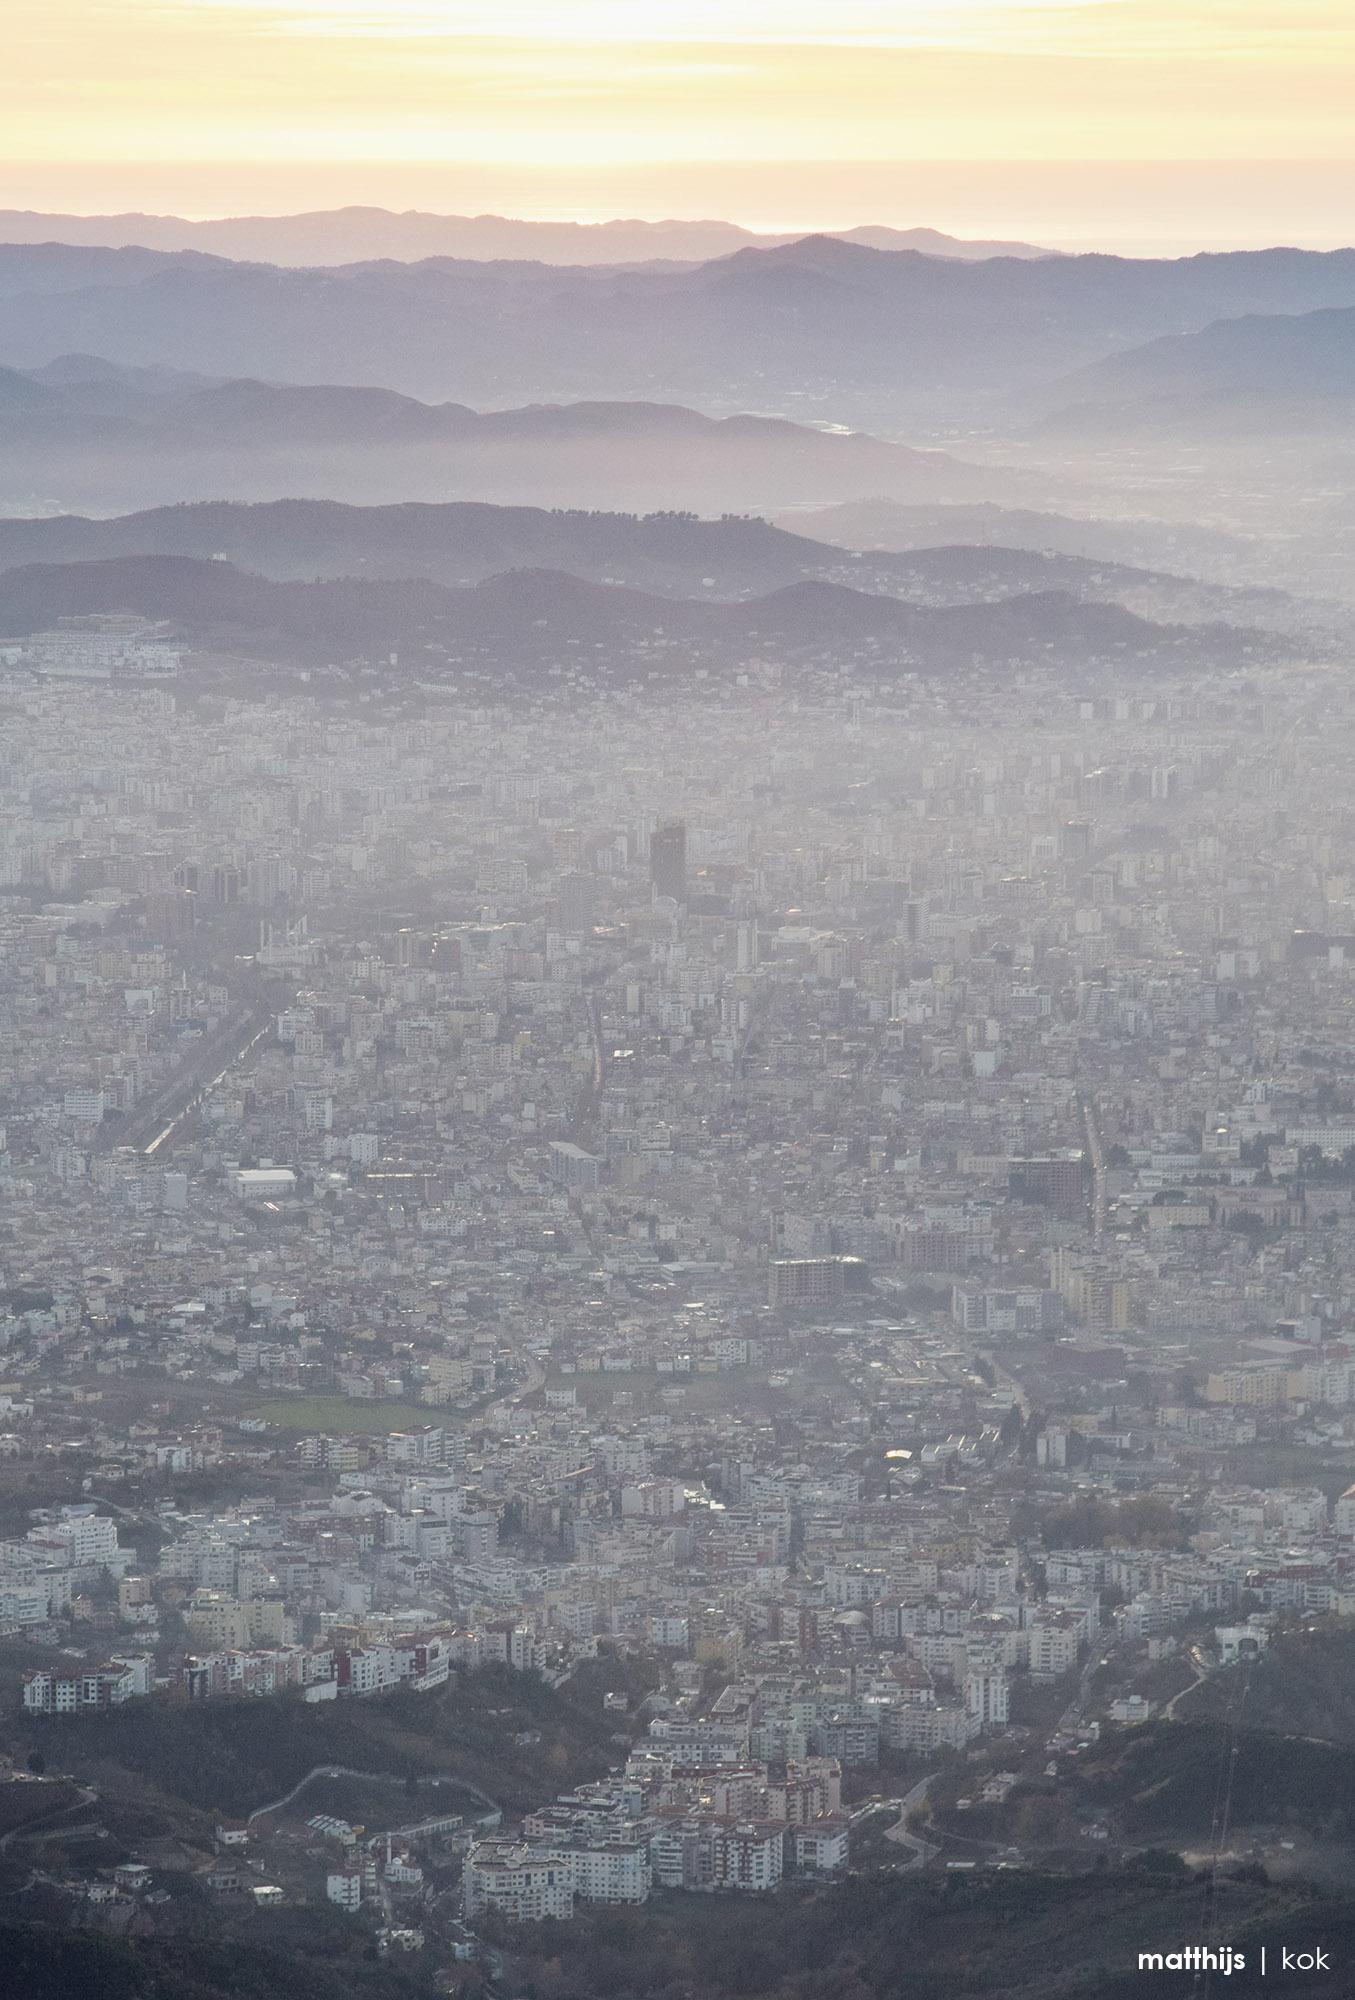 Tirana as seen from Dajti, Albania   Photo by Matthijs Kok